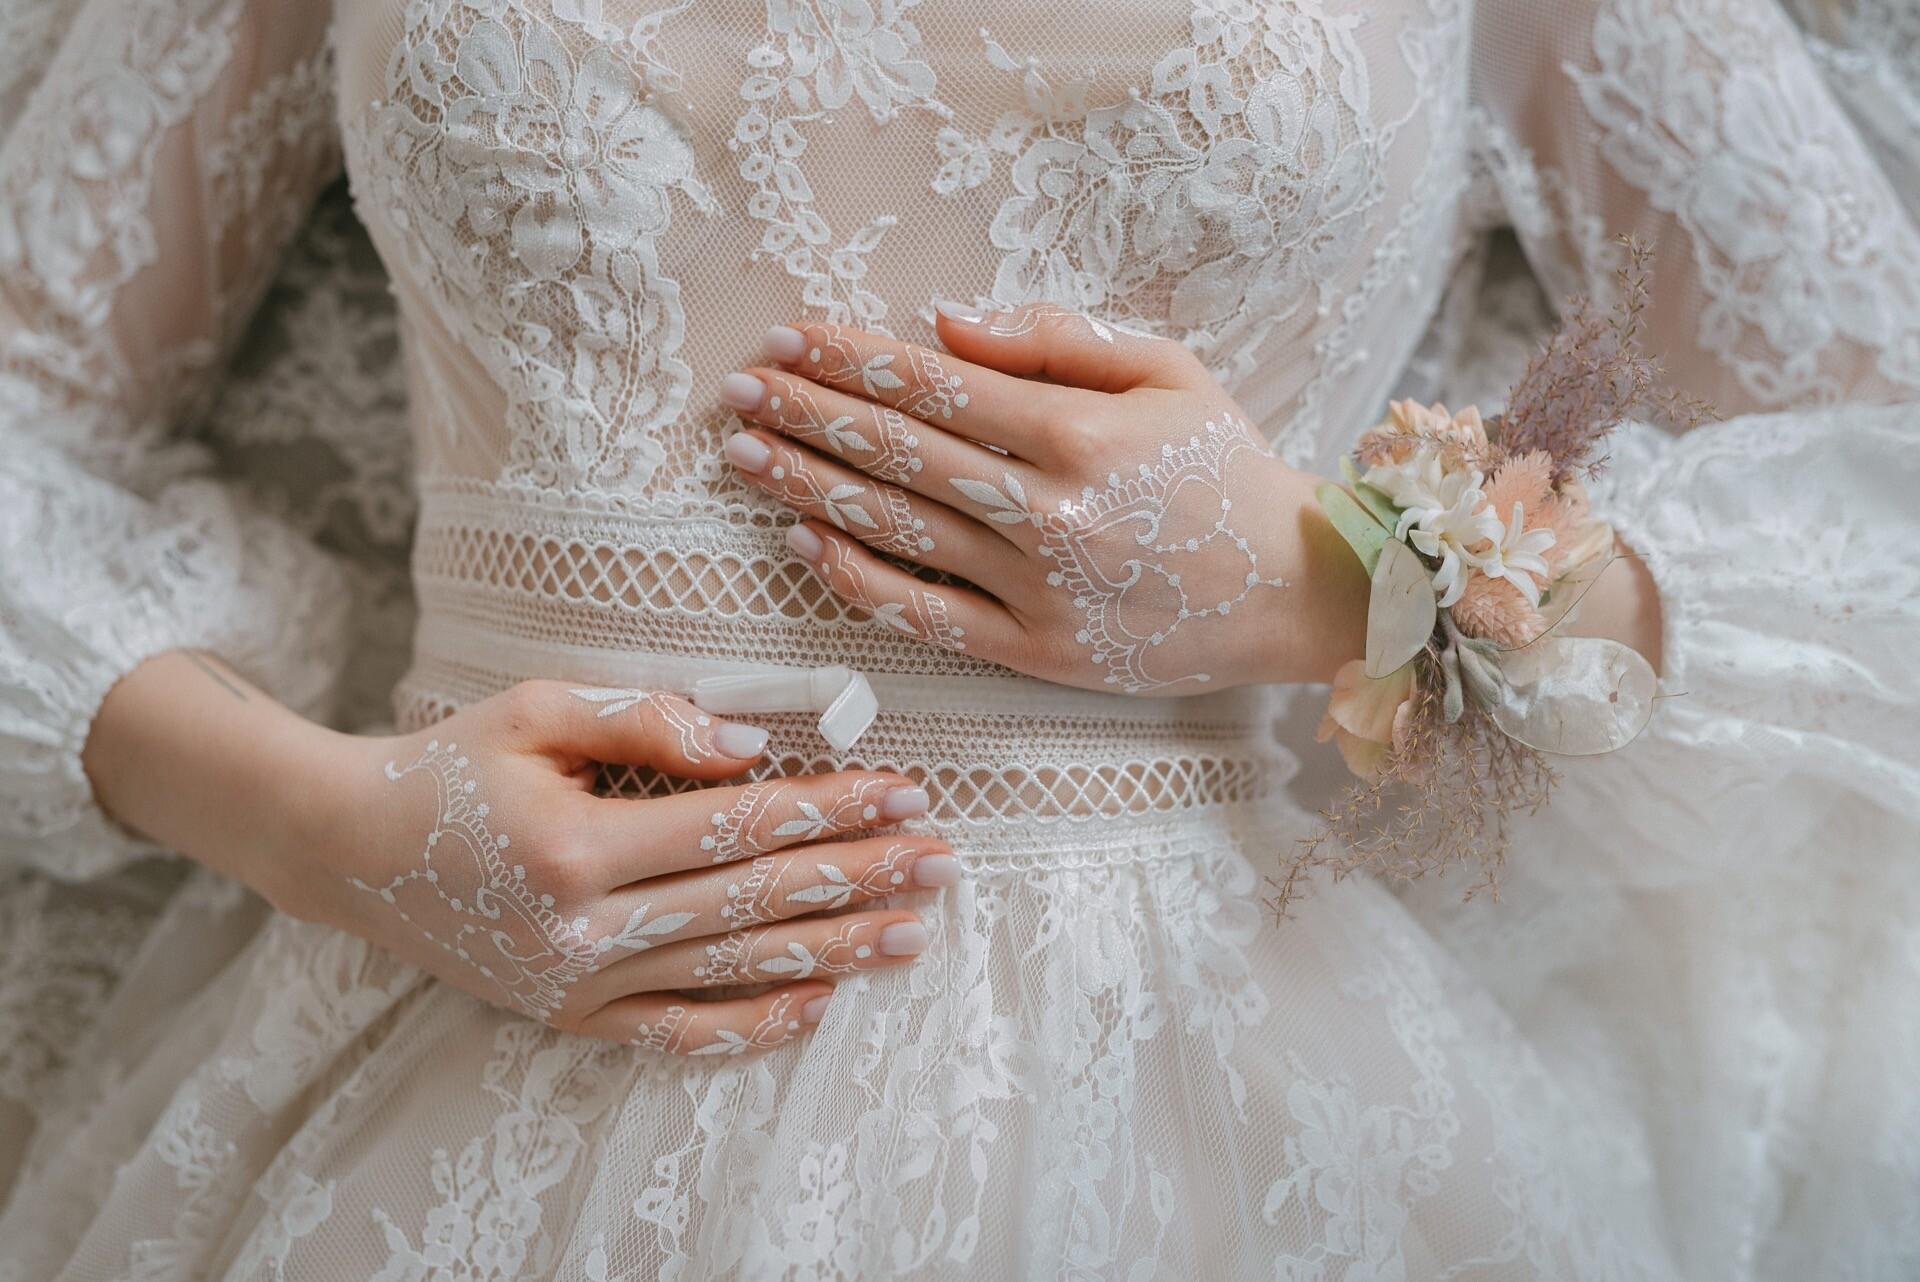 Hochzeitsinspiration in Pastellfarben von Miriam Kuschel Fotografie